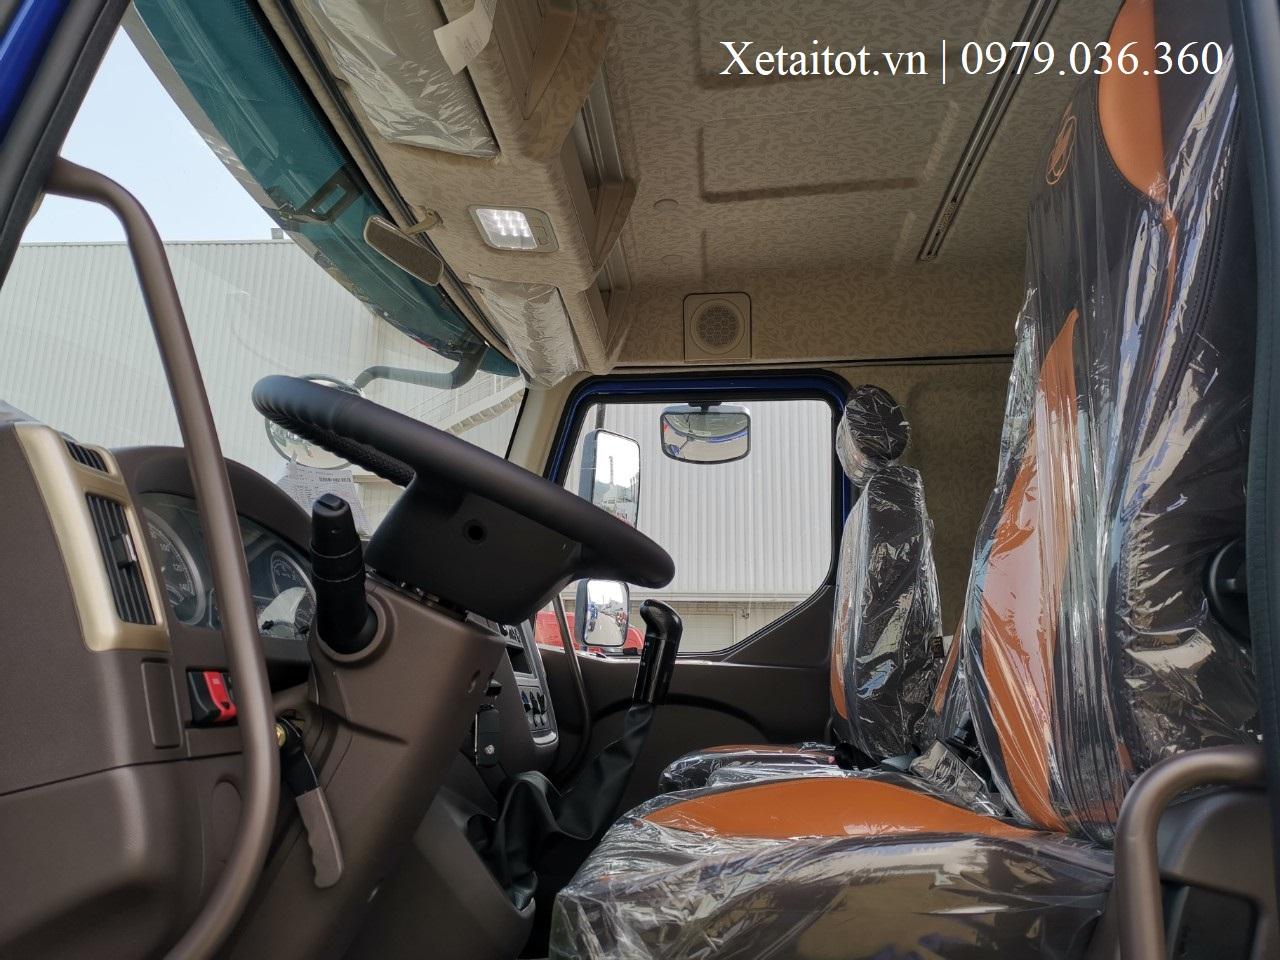 khoang-cabin-cuc-sang-trong-cua-chenglong-9tan-M3-nhu-xe-con